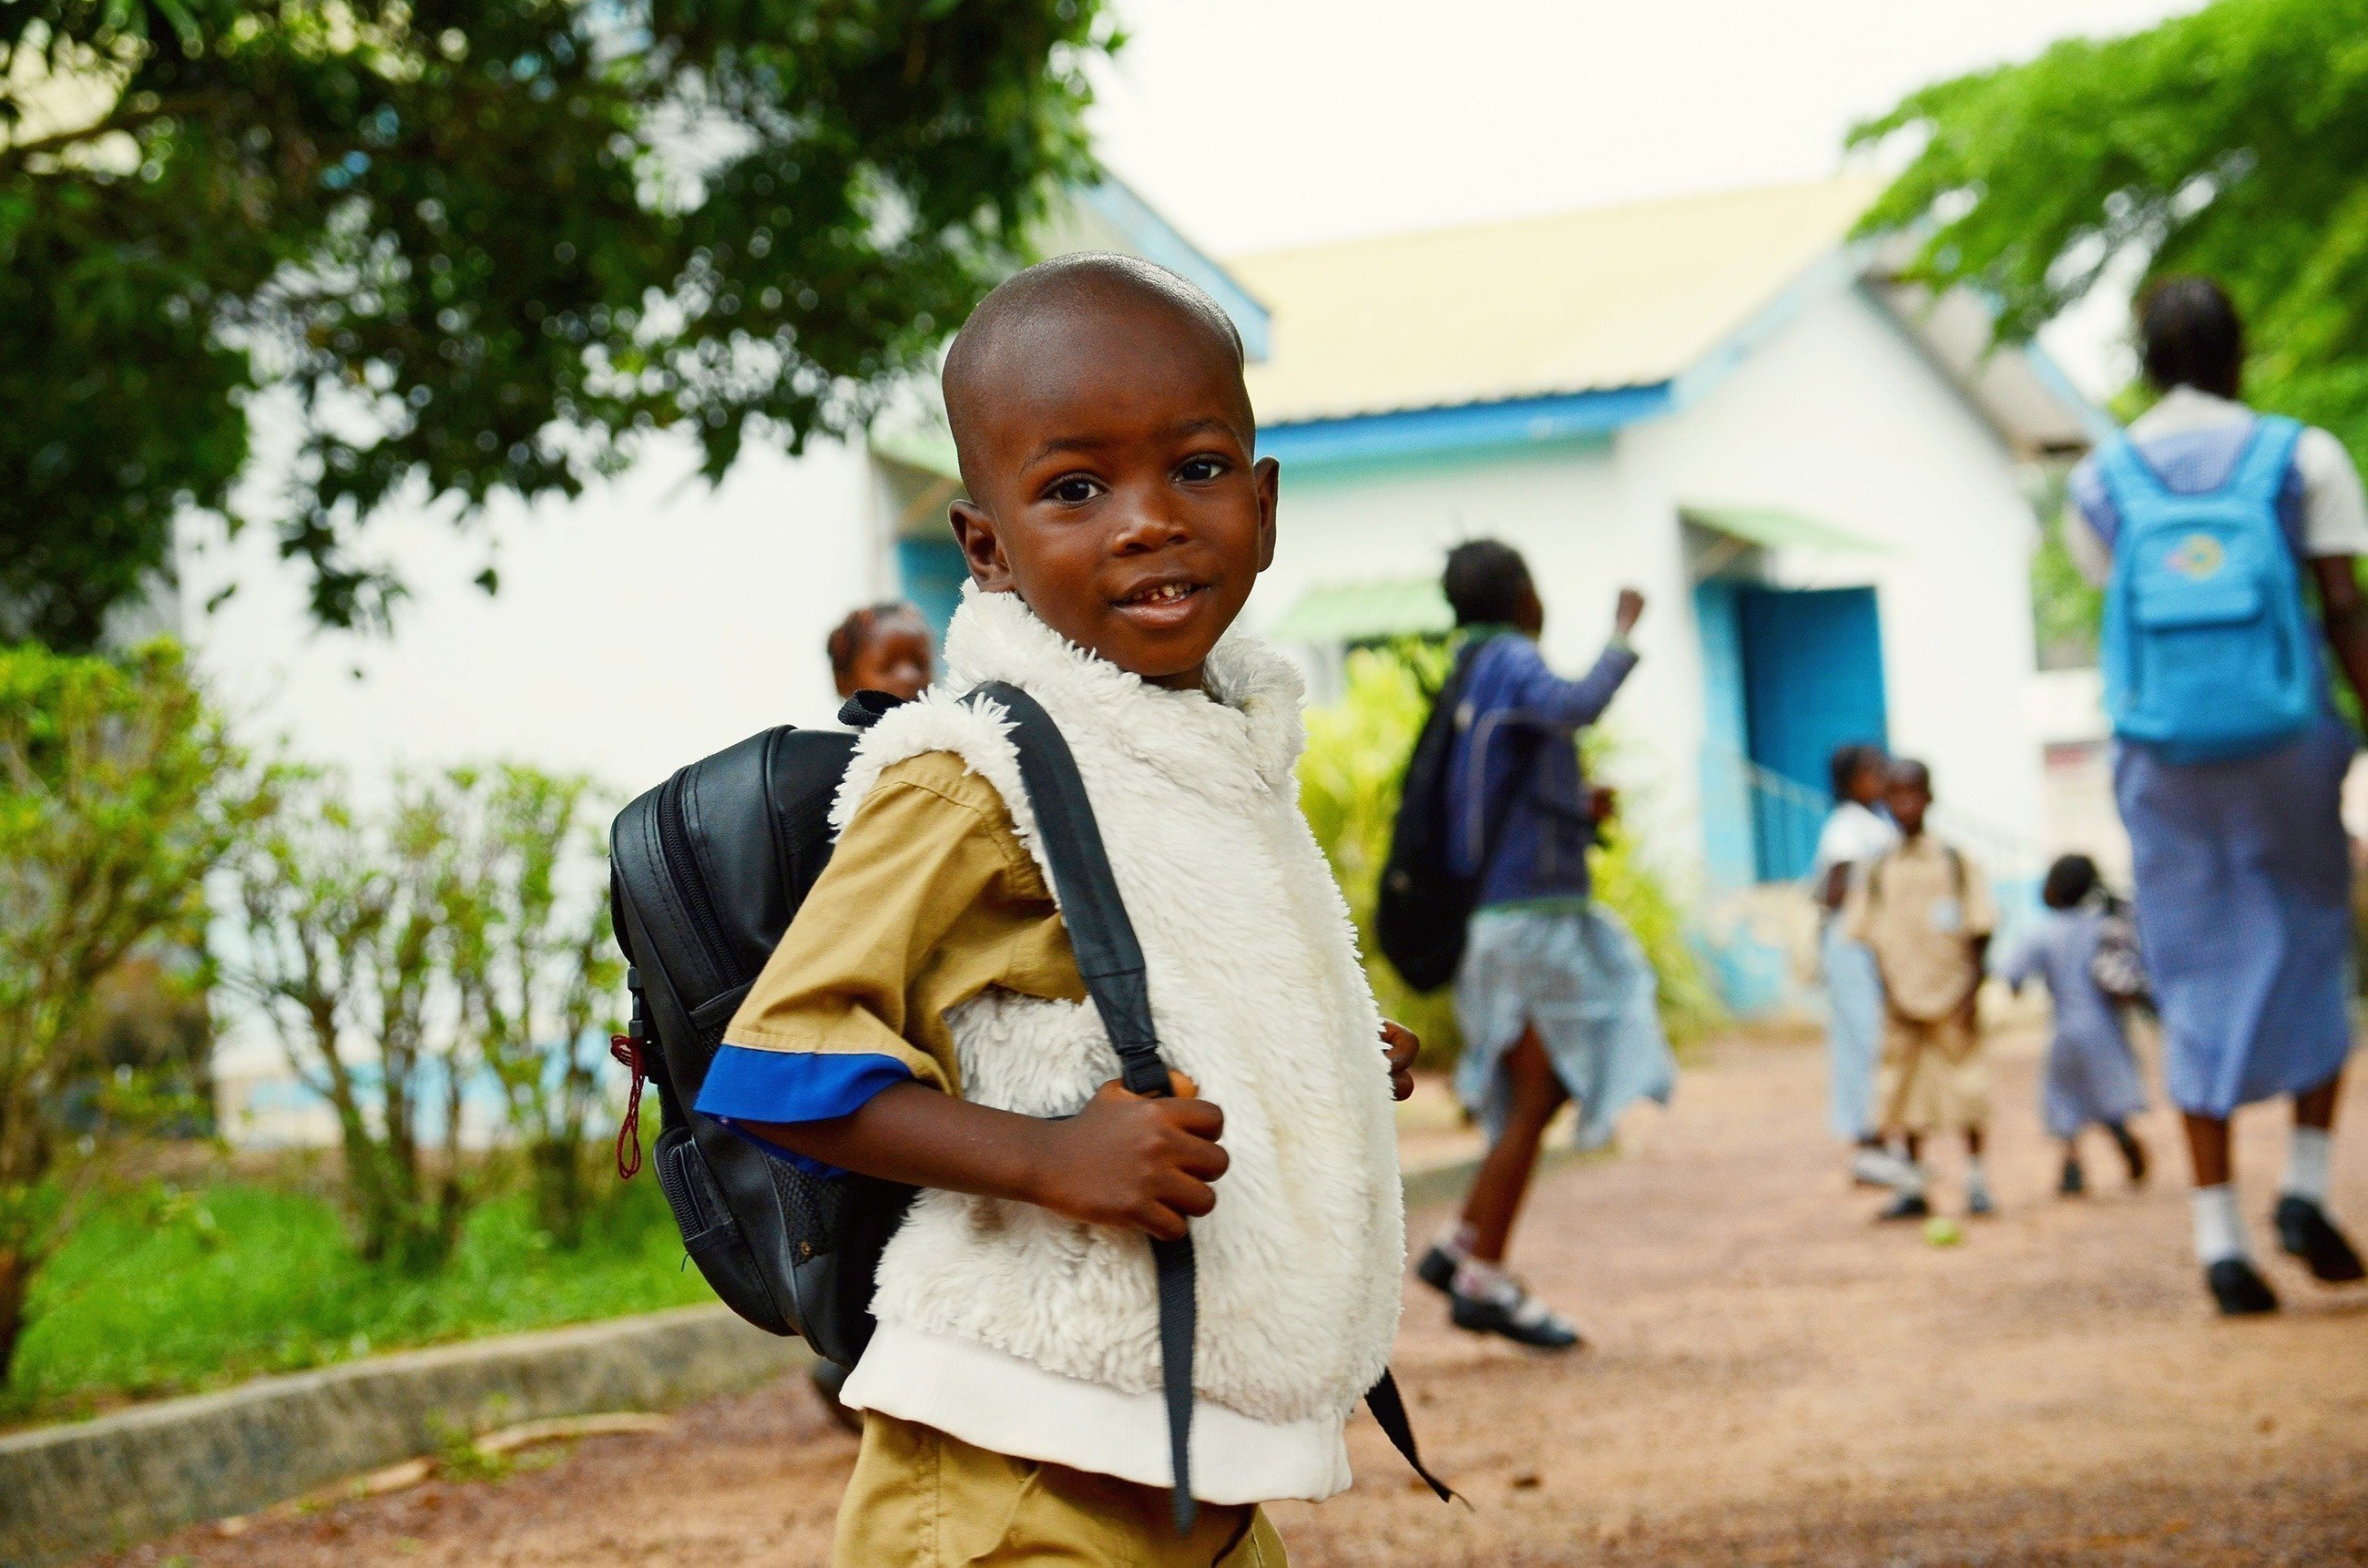 Junge mit einem Rucksack geht zur Schule.